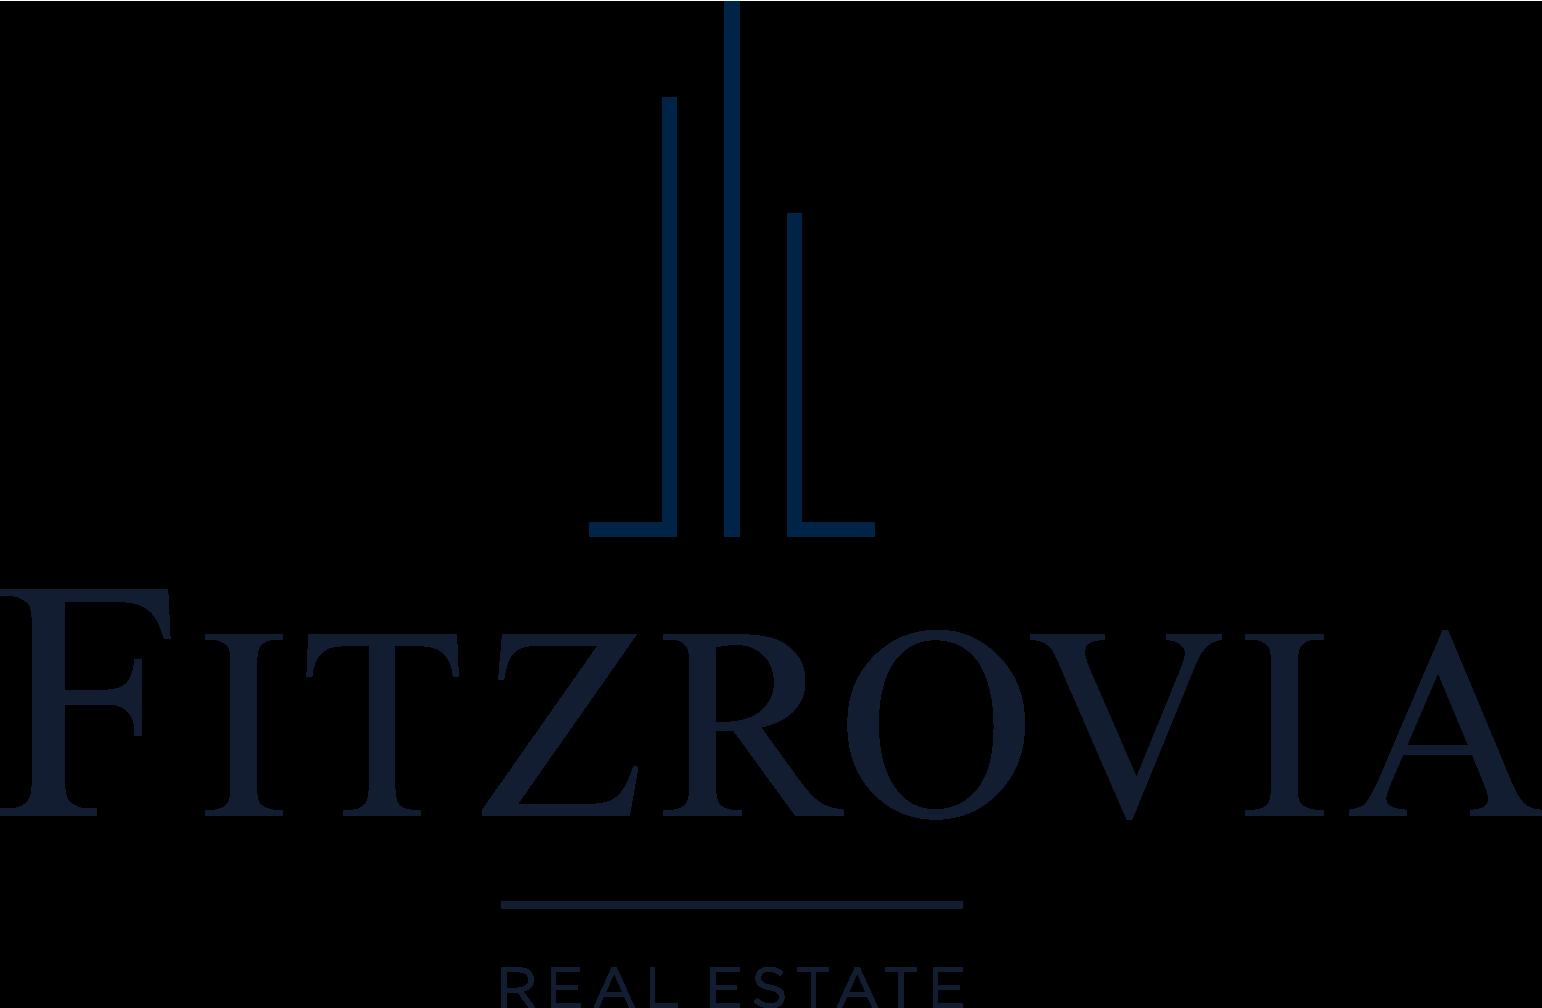 Fitzrovia Logo